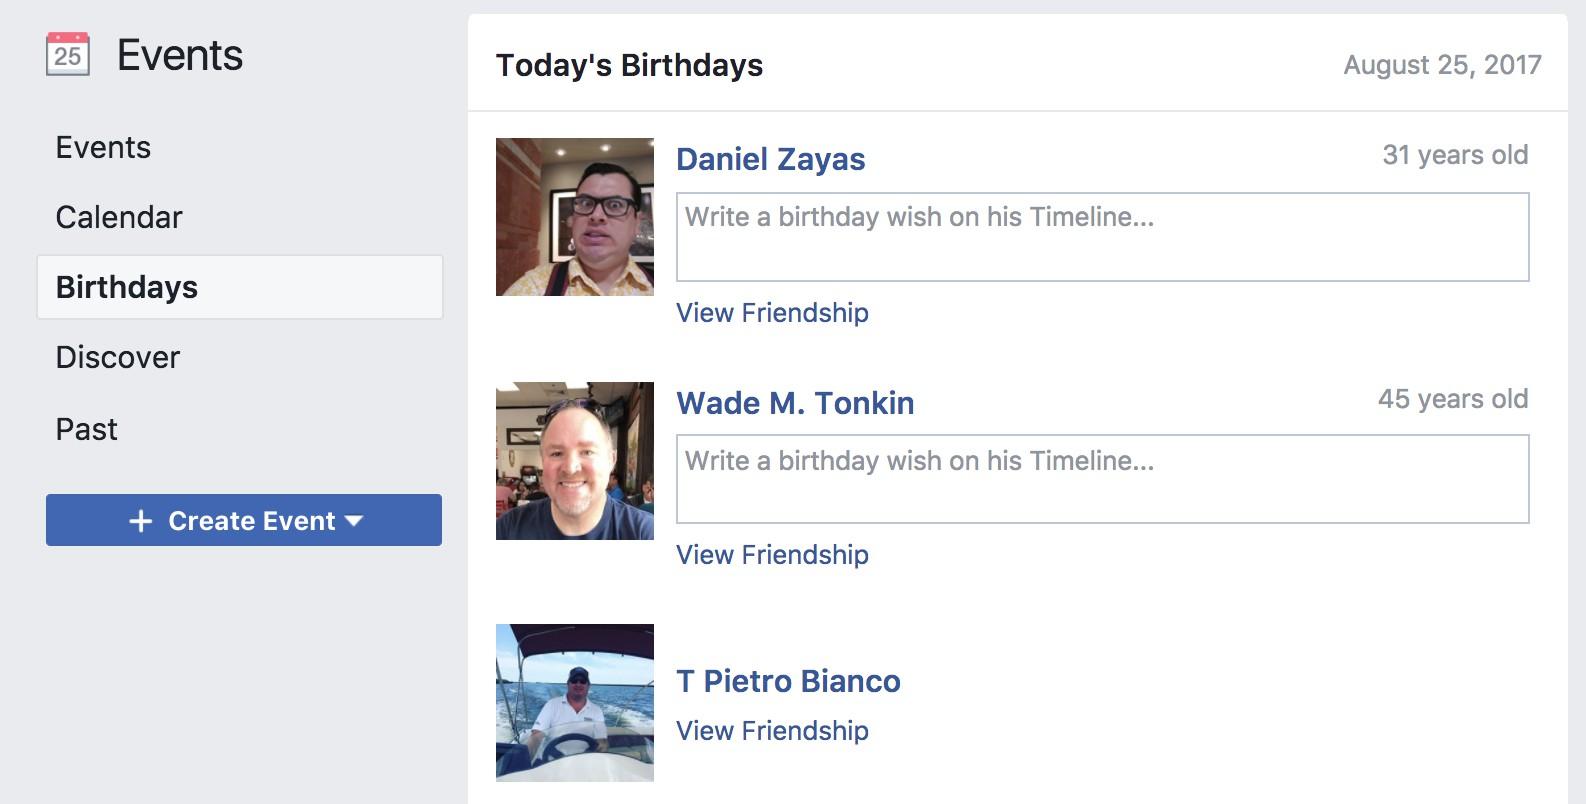 Come nascondere il tuo compleanno ed età su Facebook? 2